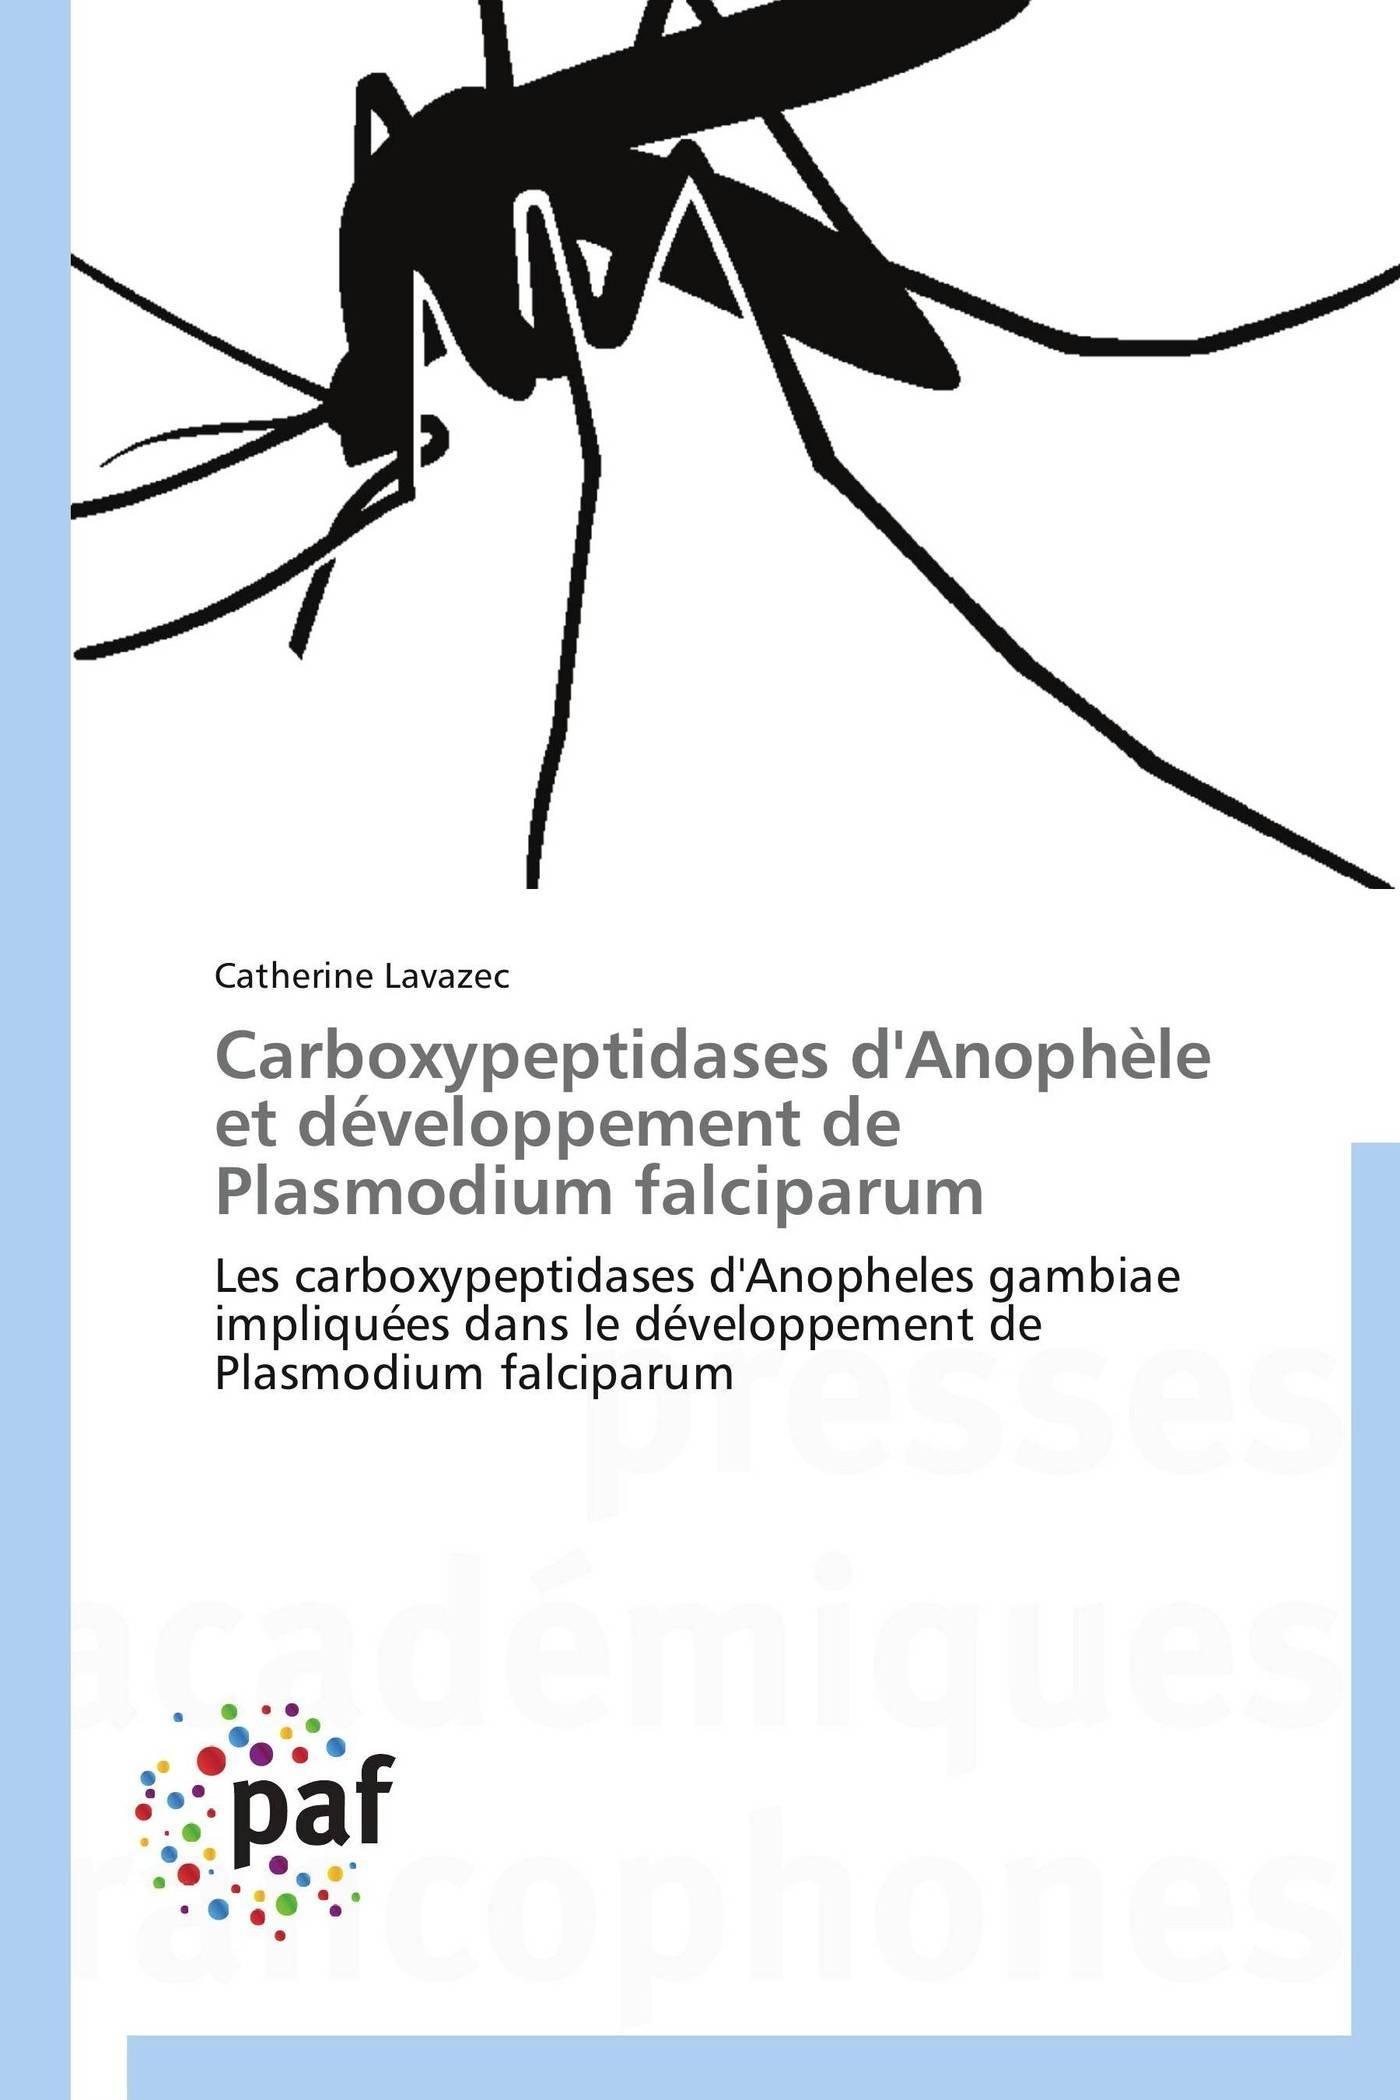 CARBOXYPEPTIDASES D'ANOPHELE ET DEVELOPPEMENT DE PLASMODIUM FALCIPARUM